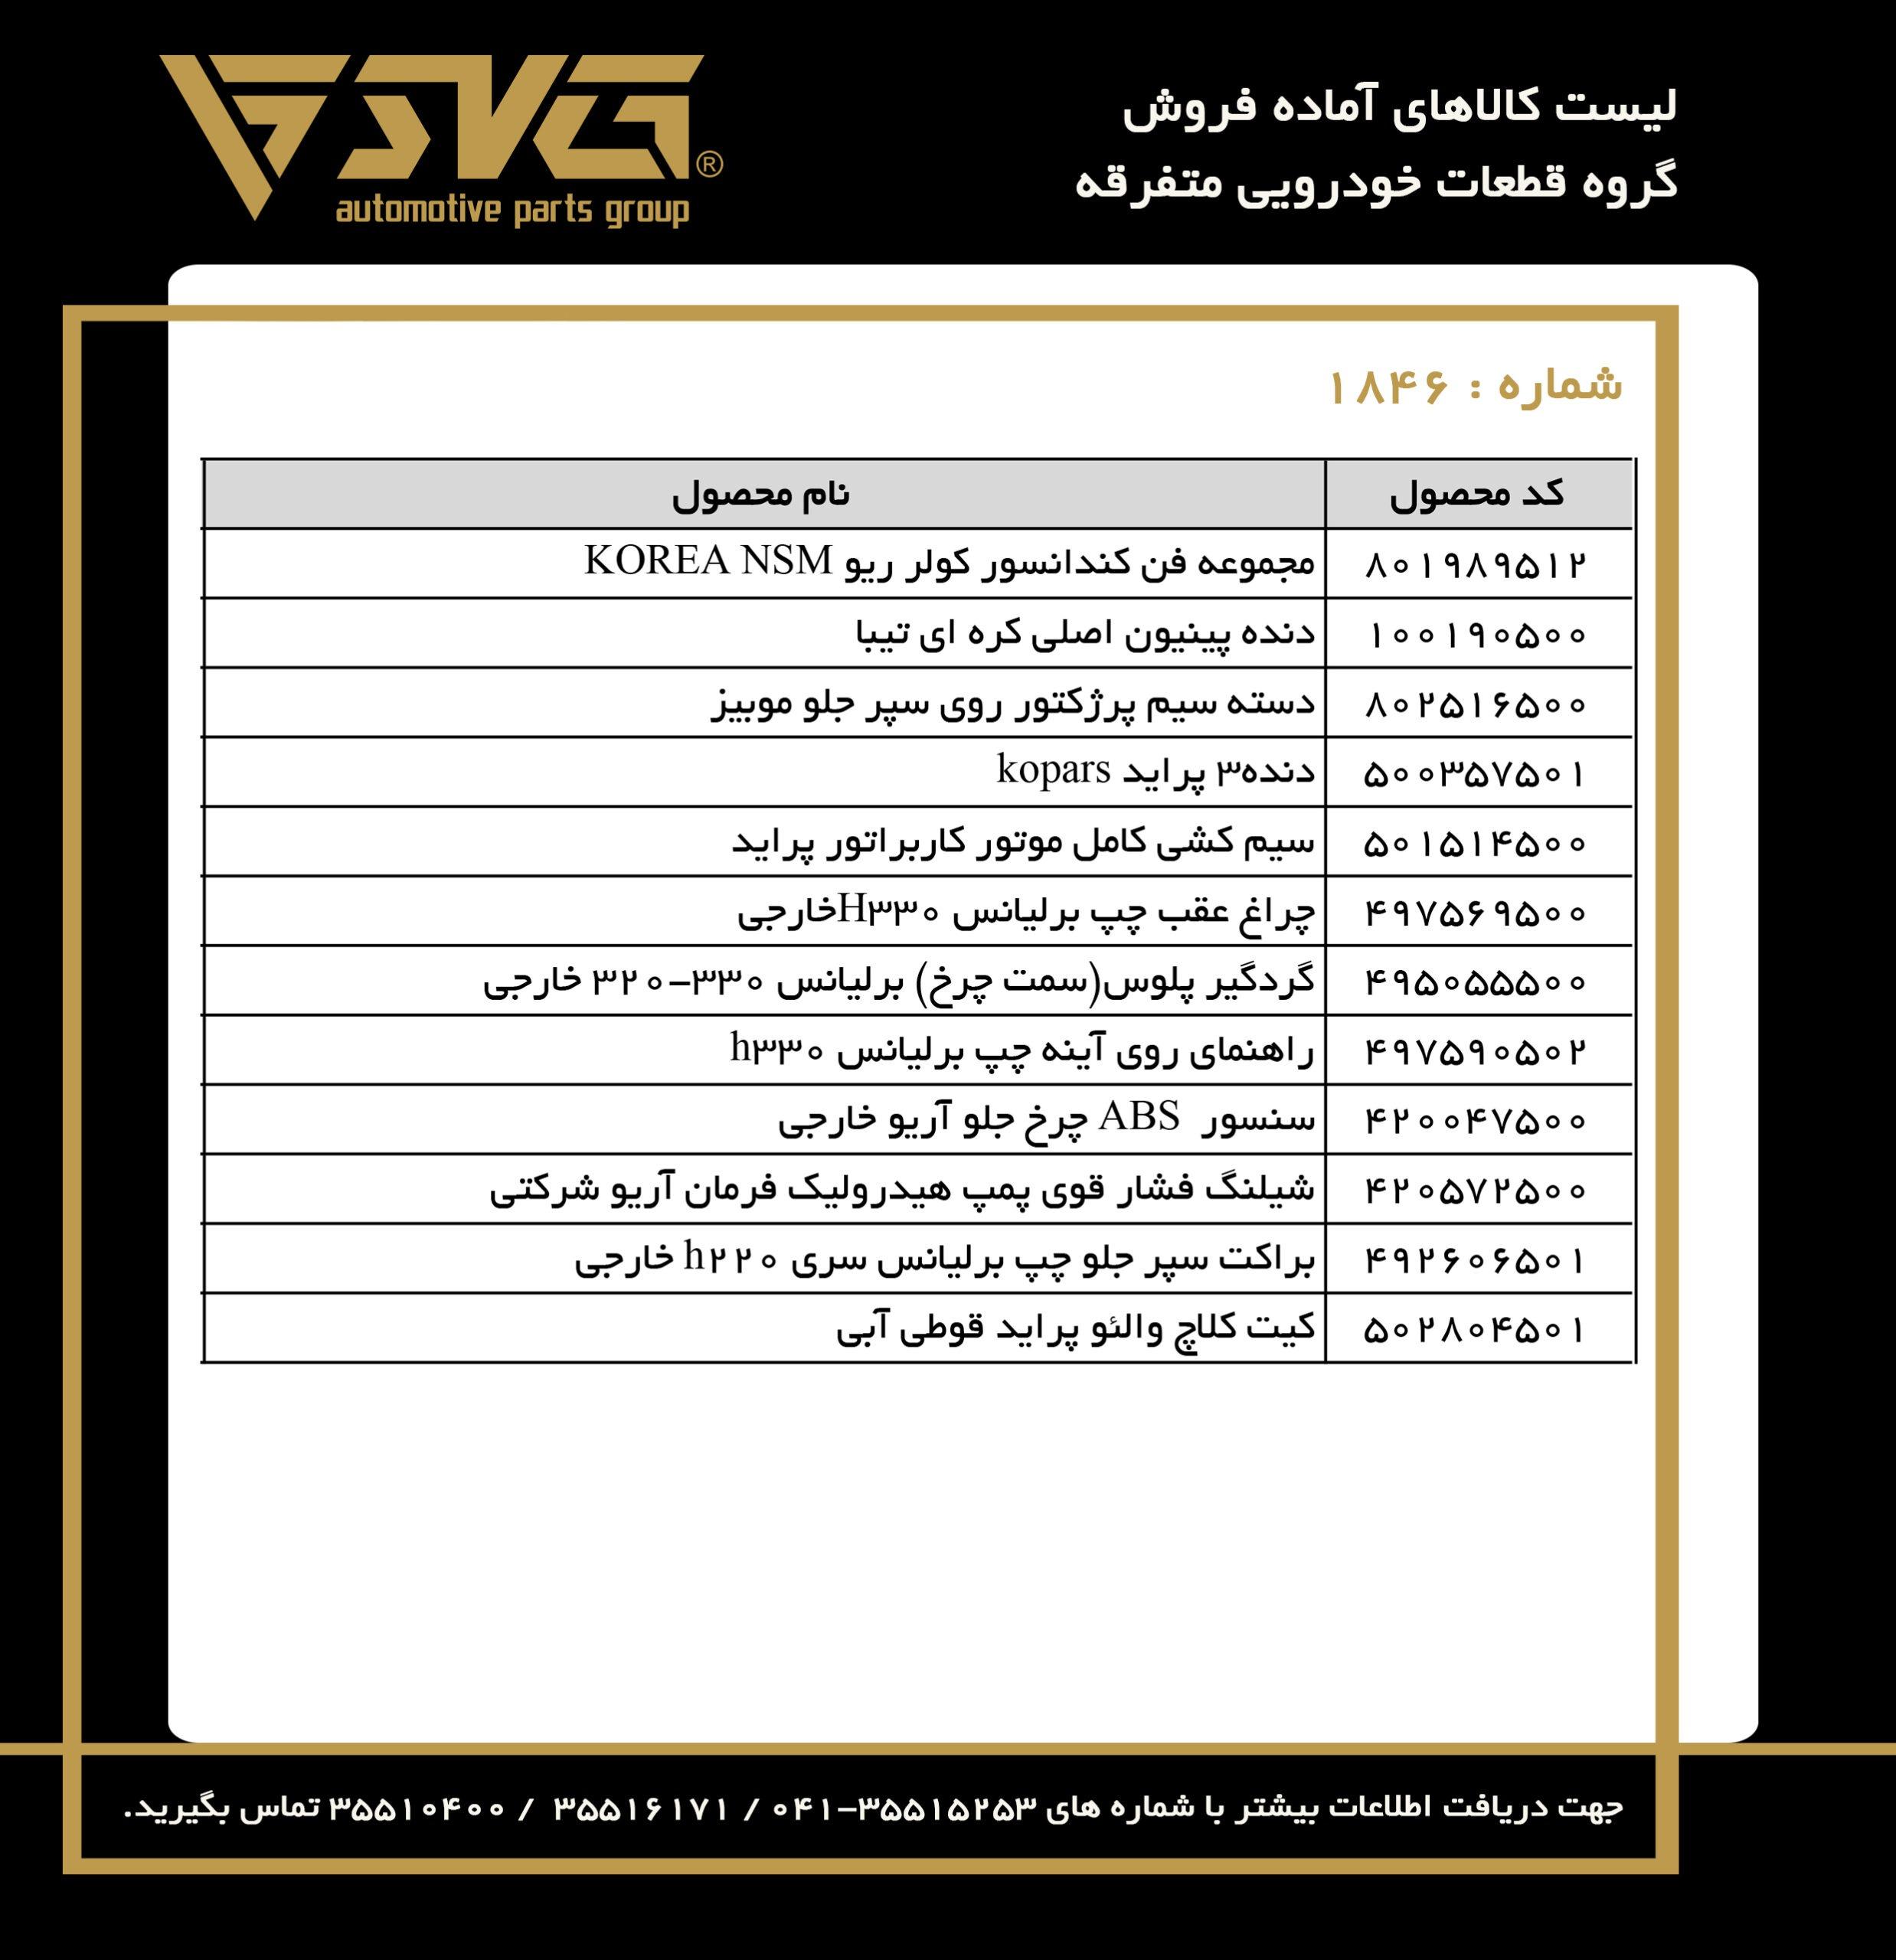 آماده فروش 11 بهمن 99